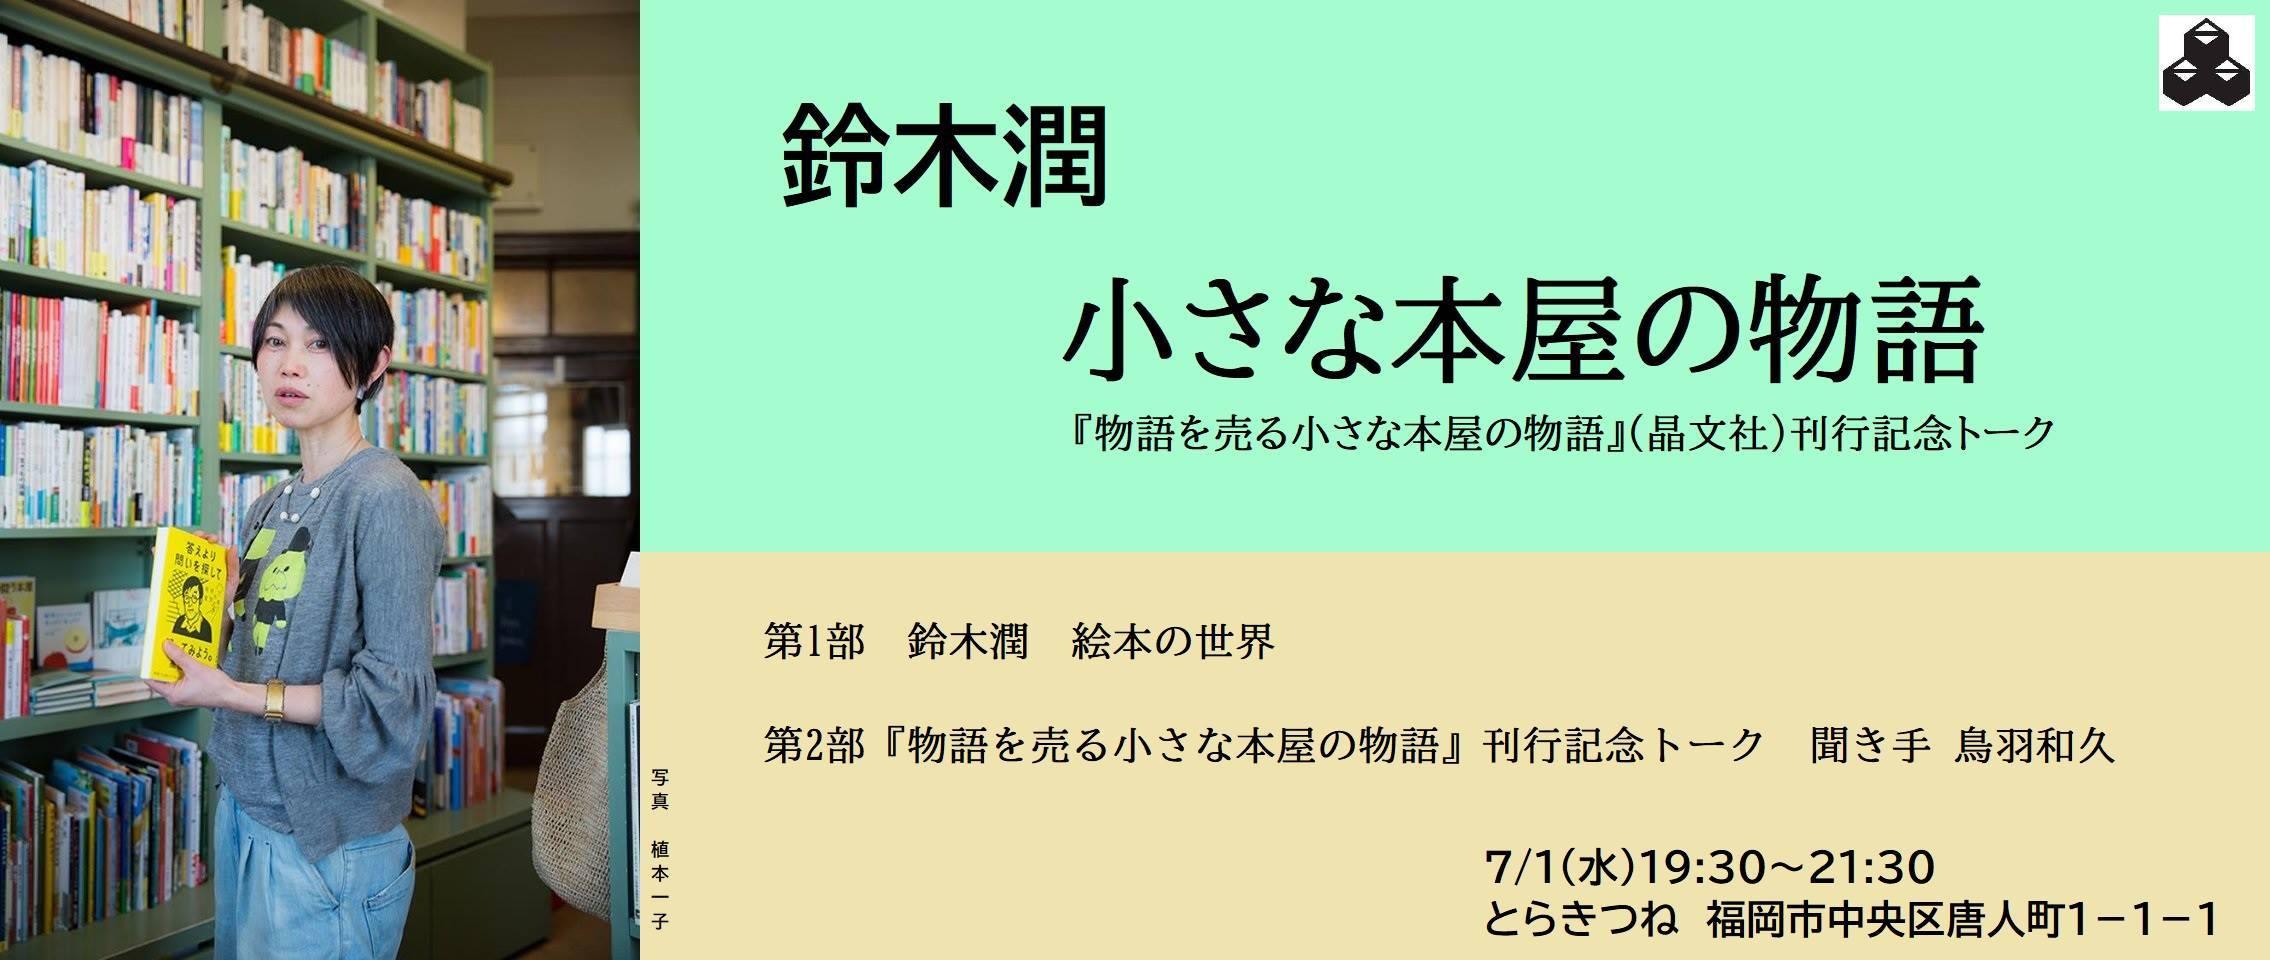 7月のとらきつねのイベント_d0116009_14145569.jpg